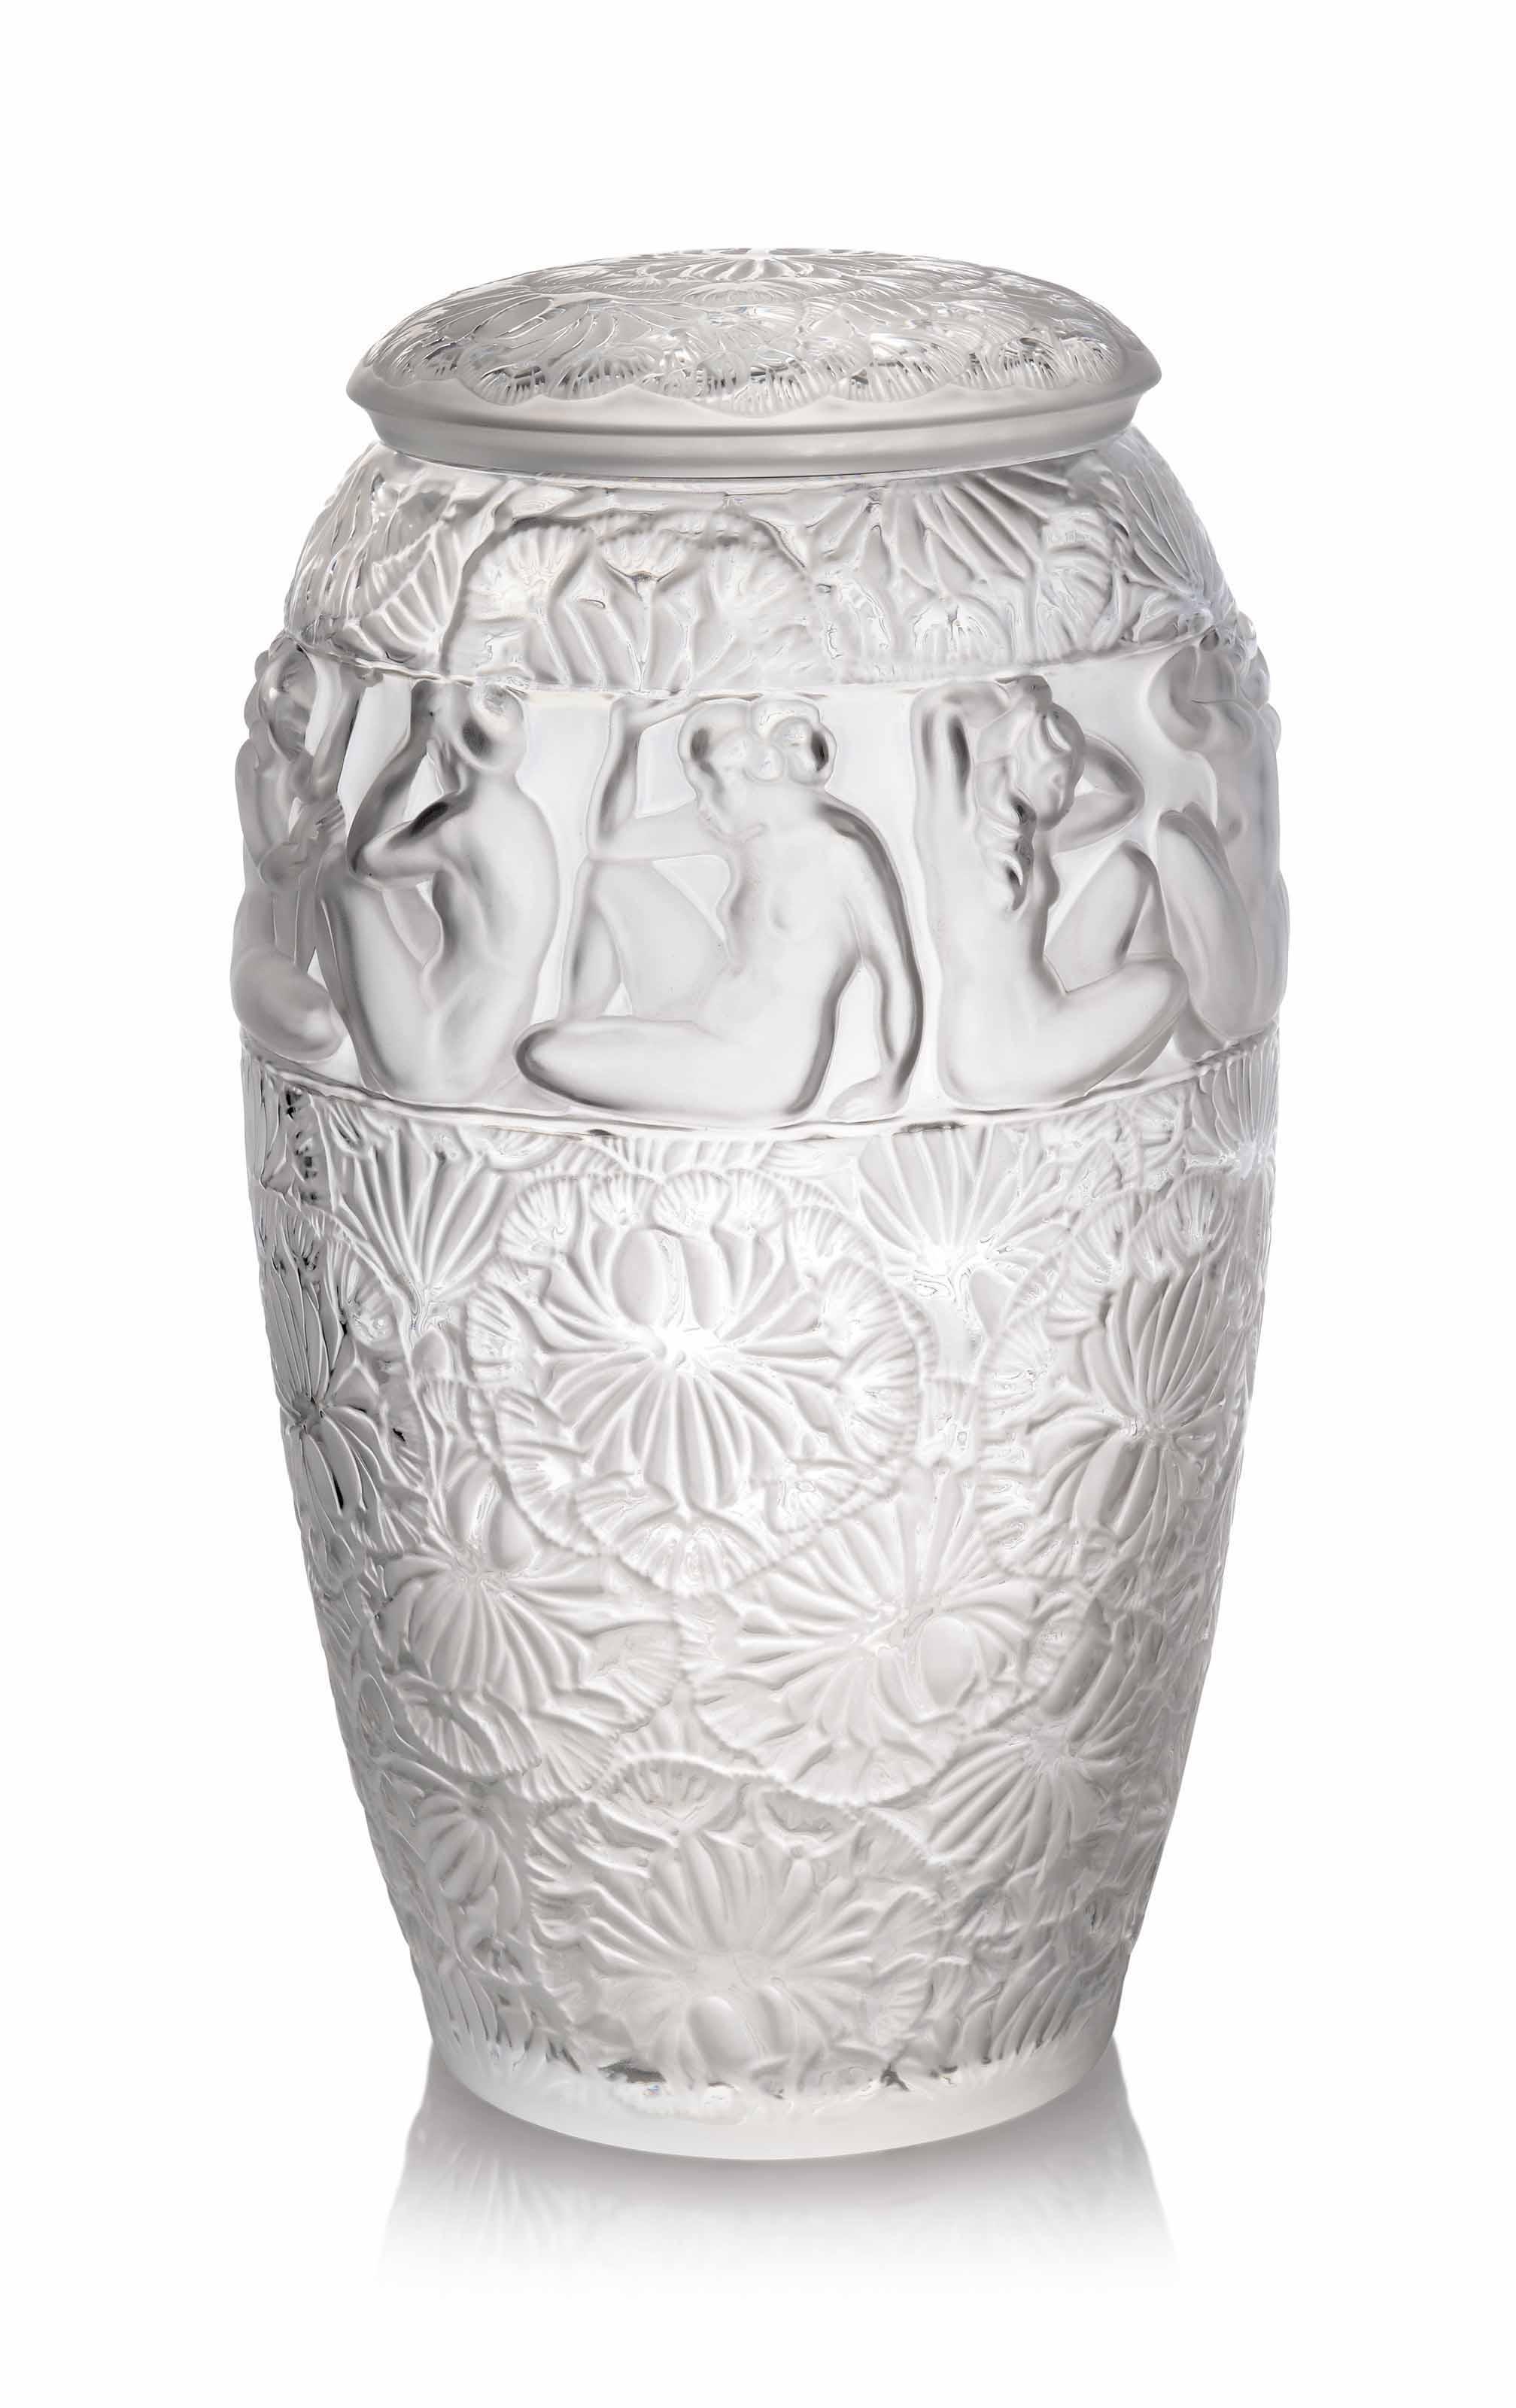 A Monumental Angélique Vase